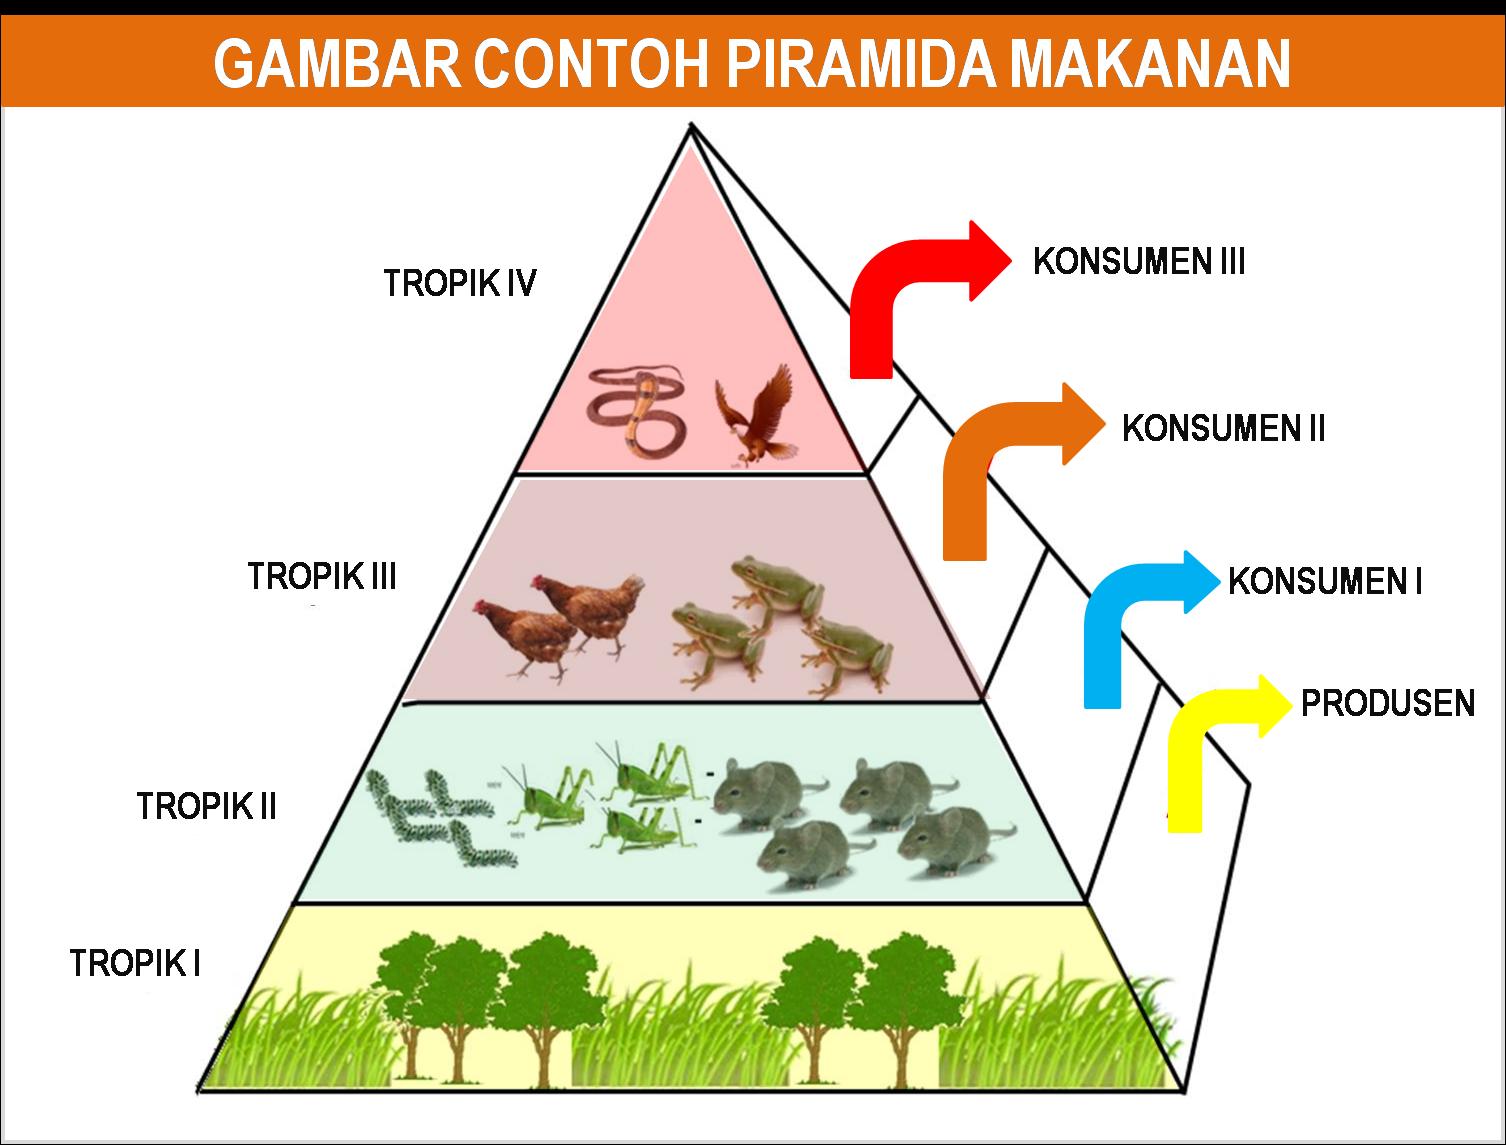 Gambar Dan Penjelasan Piramida Rantai Dan Jaring Makanan Freewaremini